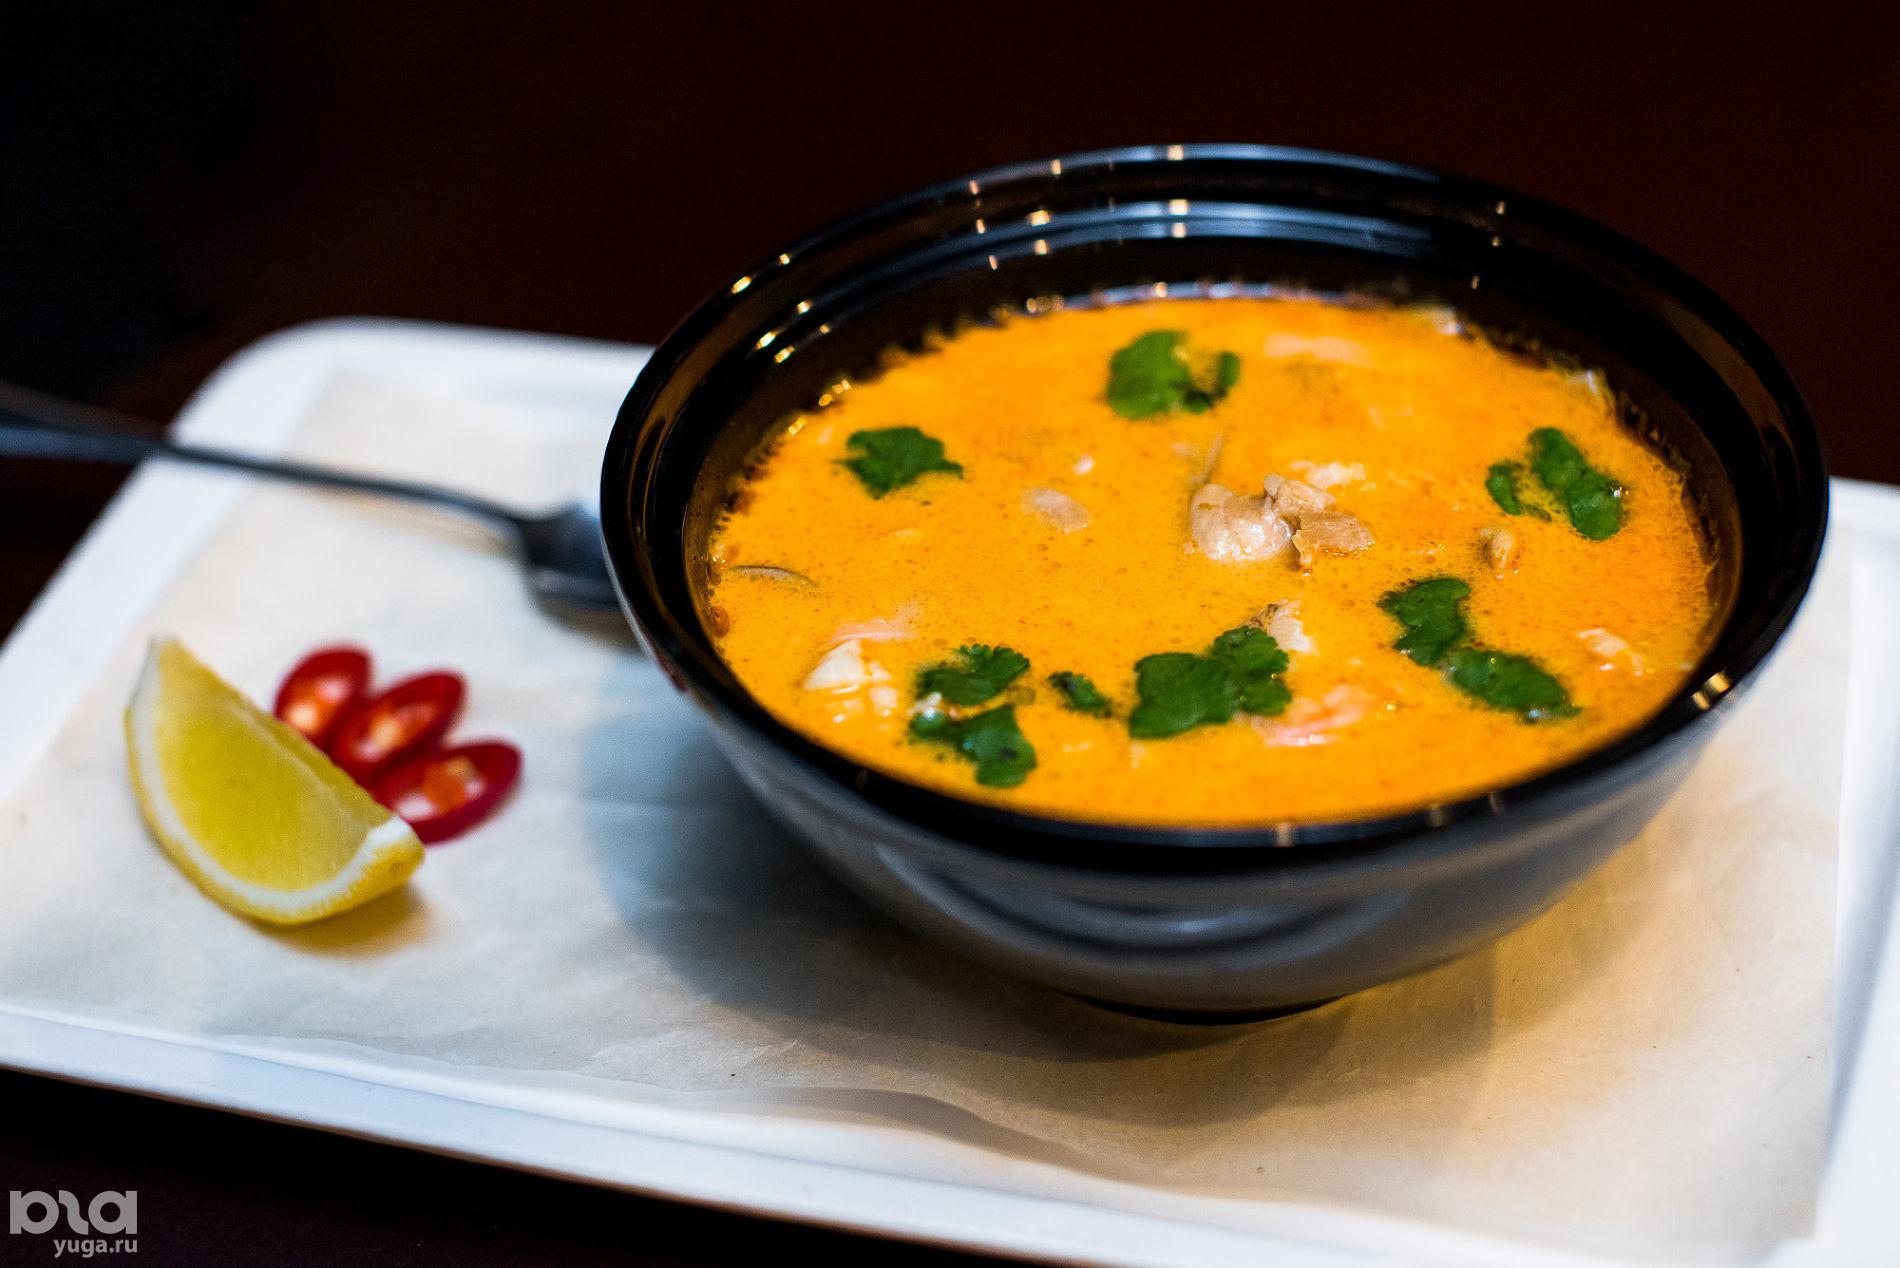 Ресторан «Рис», суп том-ям — национальное блюдо Лаоса и Таиланда